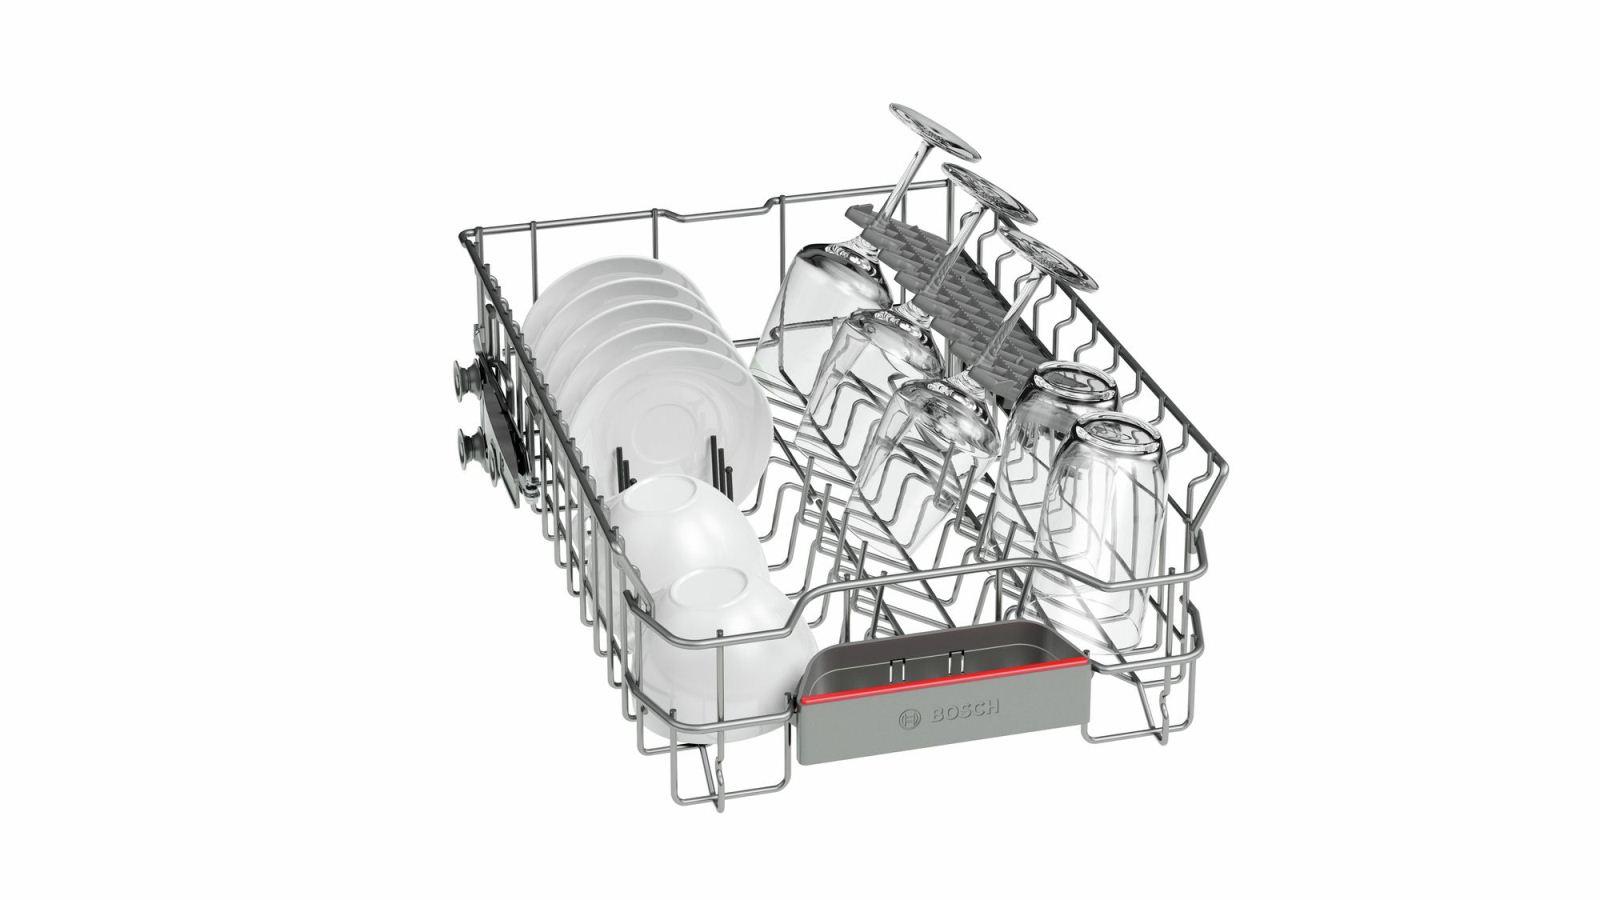 Hệ thống giỏ hàng VarioFlex có tính linh hoạt cao